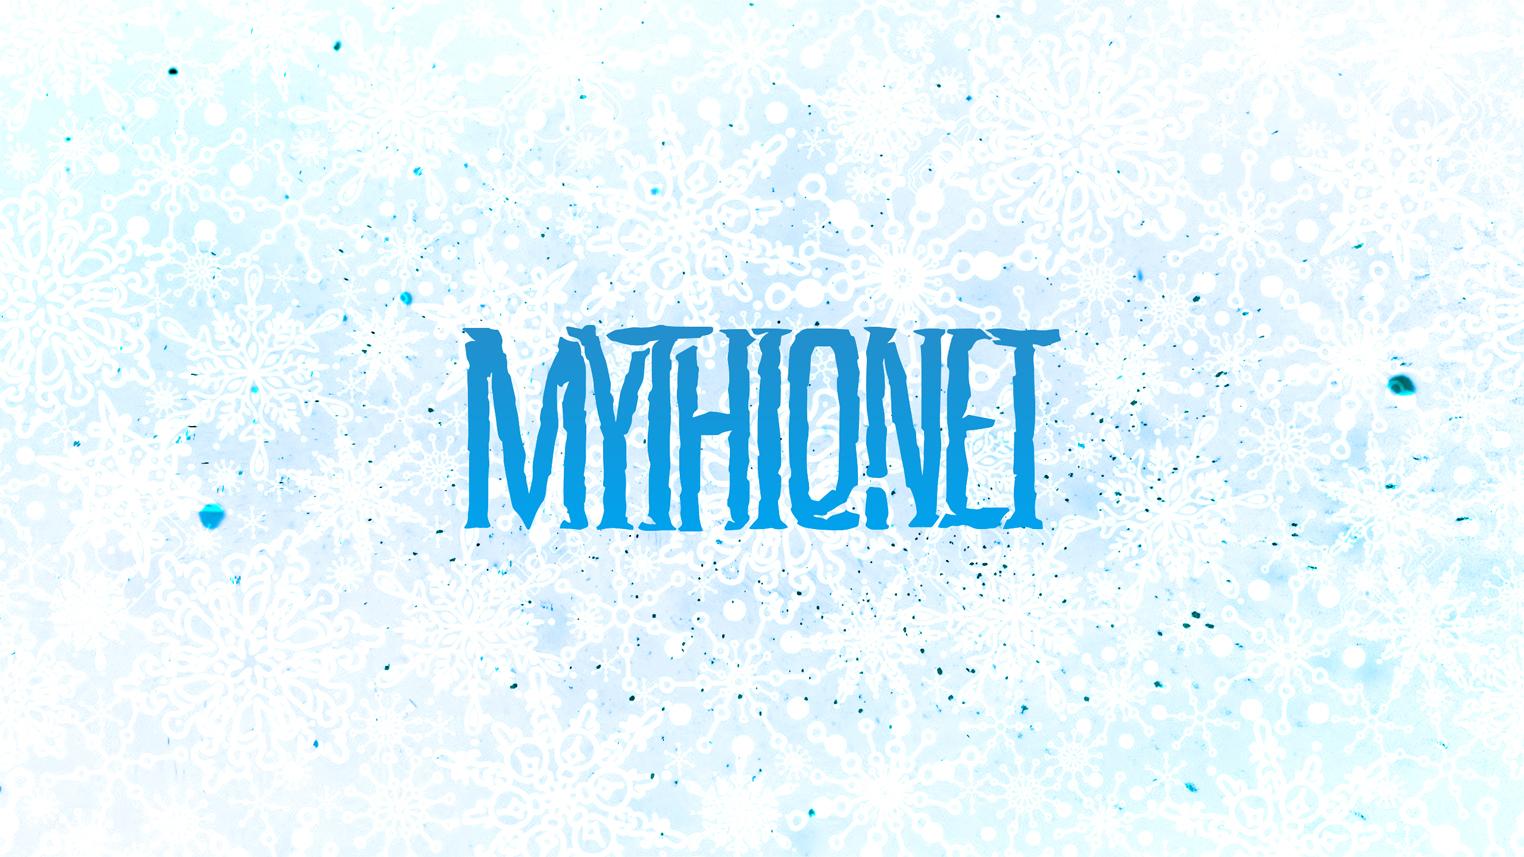 Happy holidays from Mythiq.net!